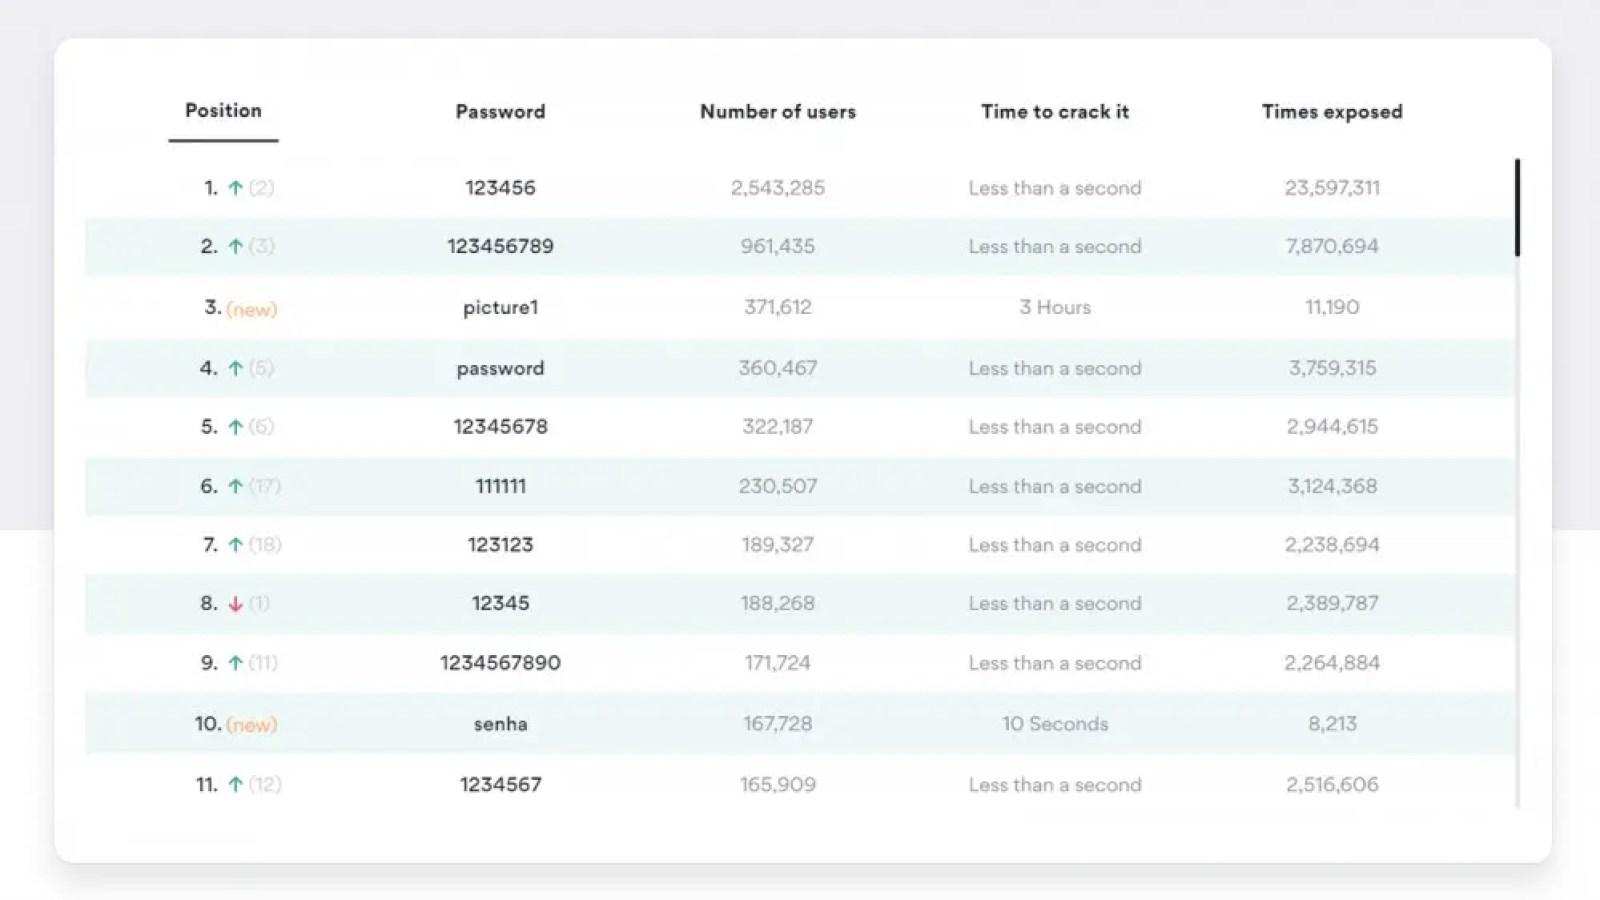 NordVPN's Top most common passwords of 2020